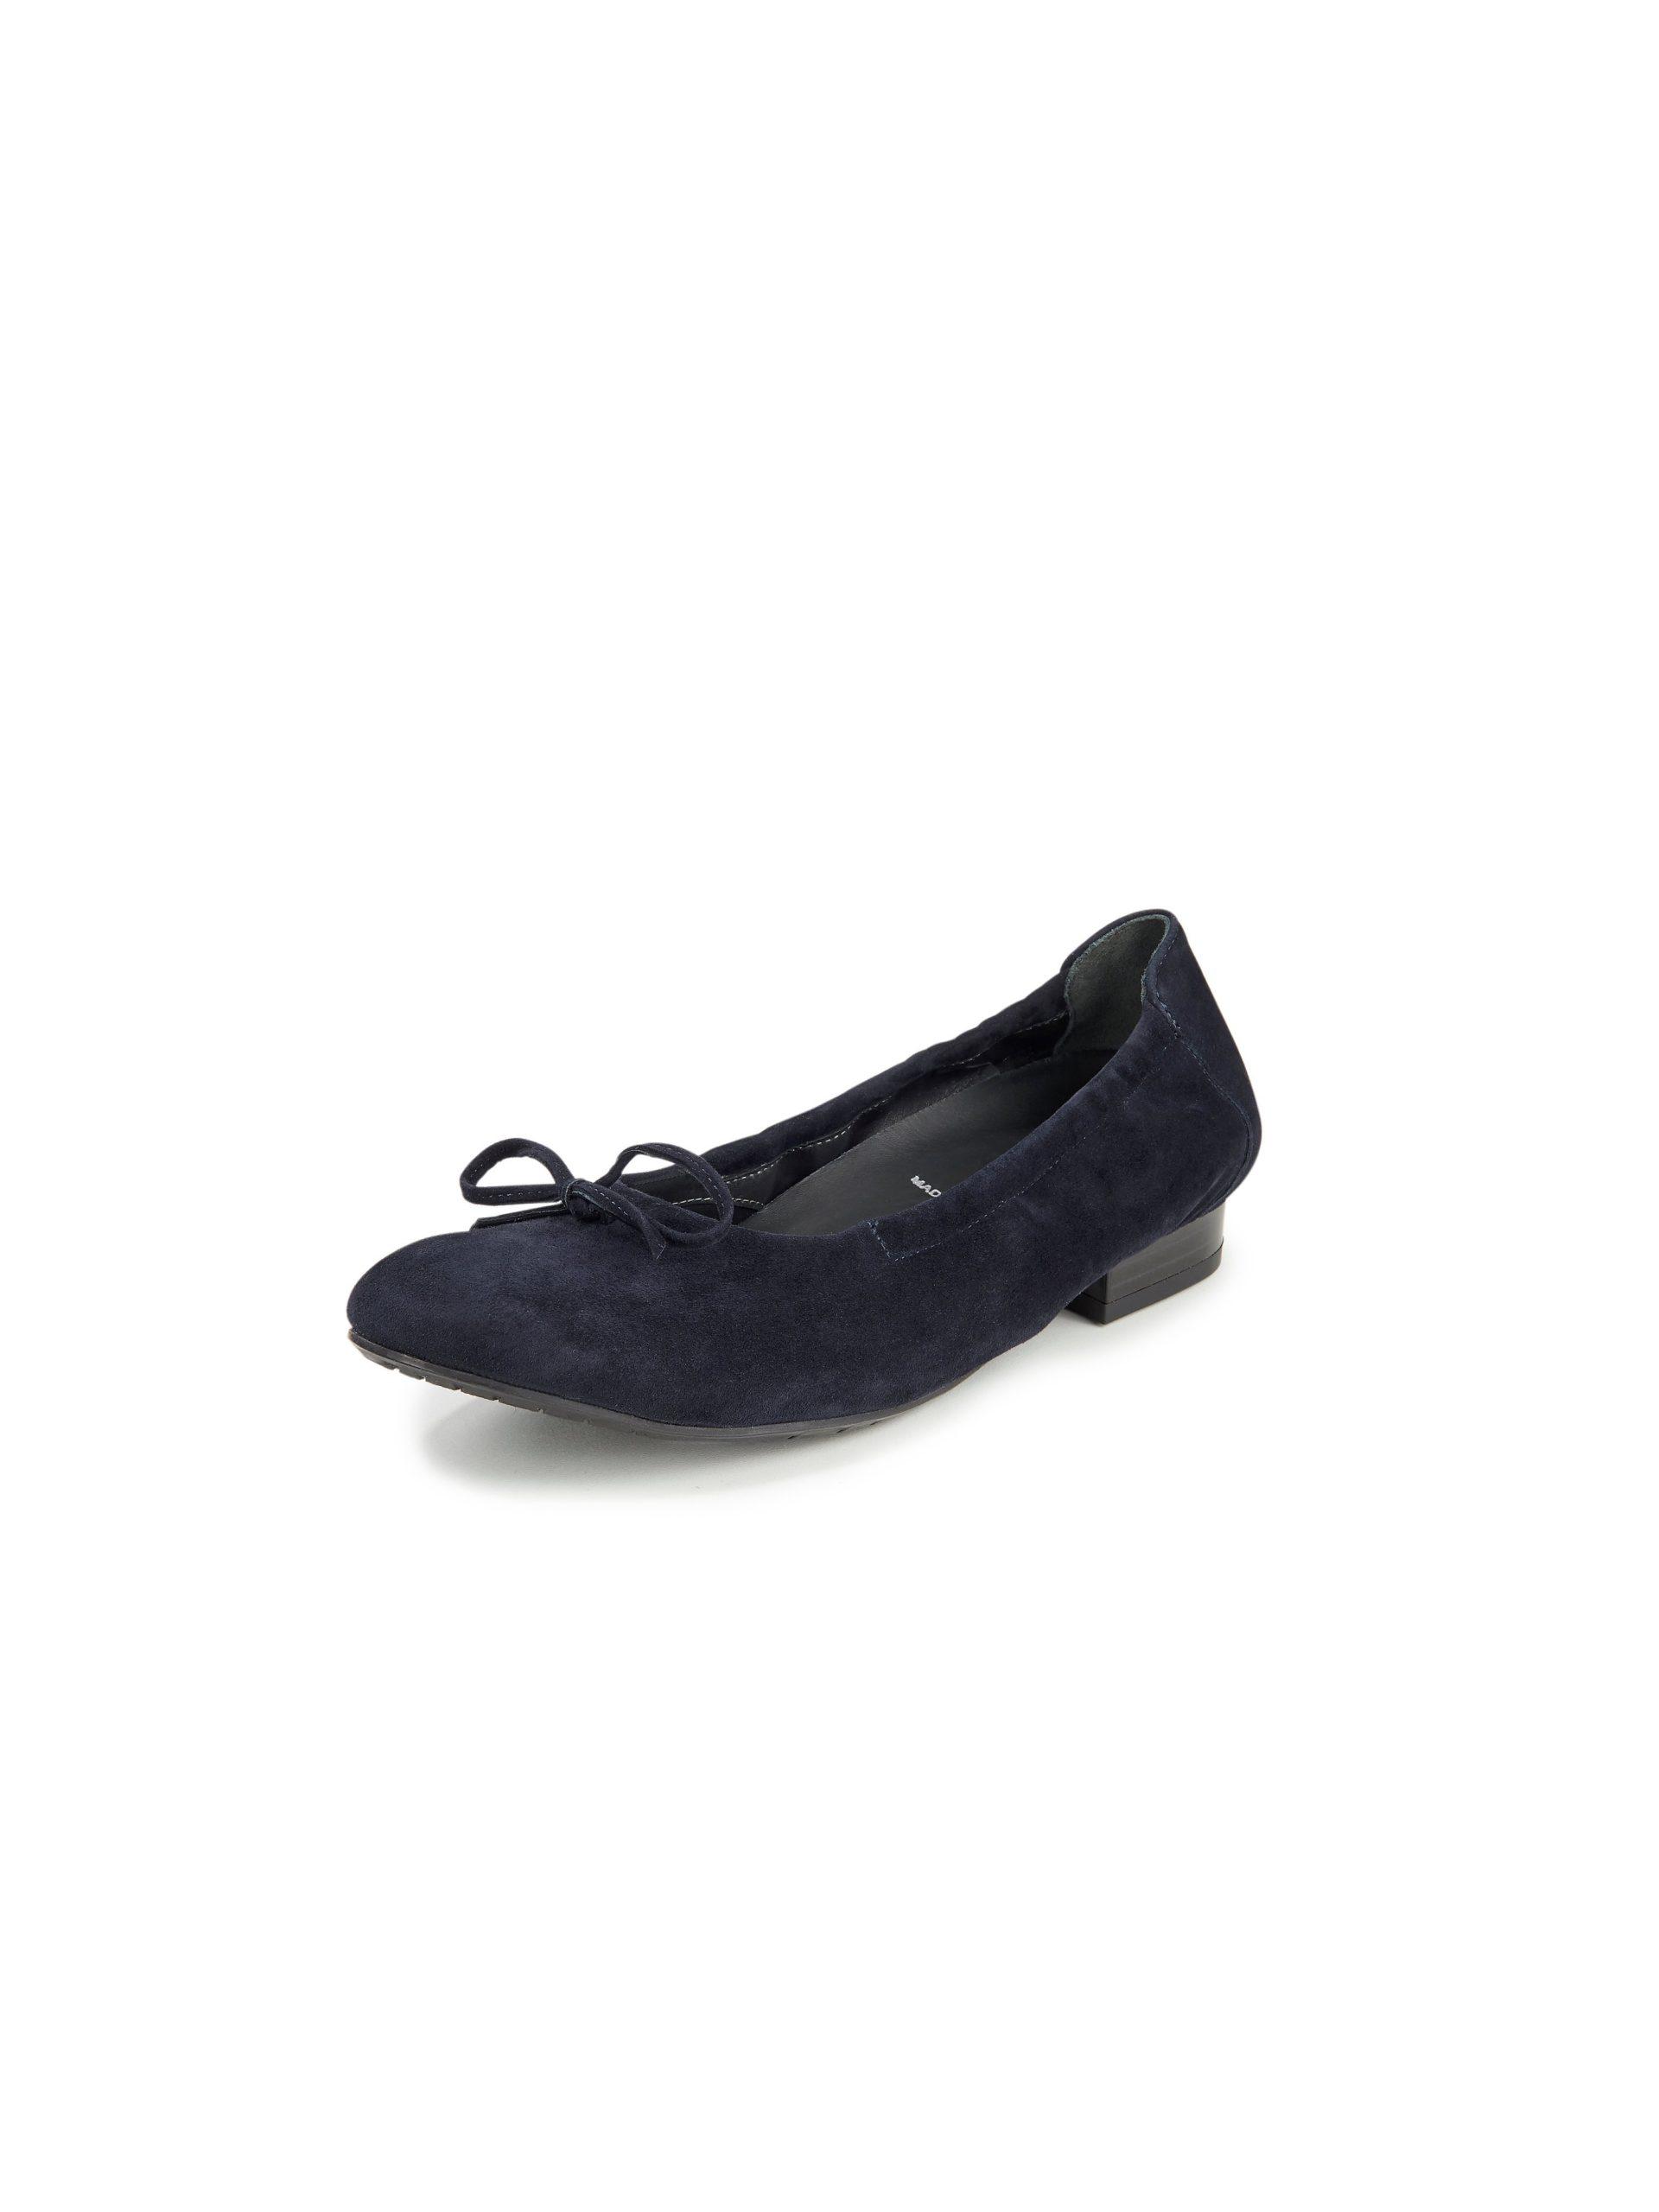 Ballerina's van geitensuèdeleer Van Semler blauw Kopen